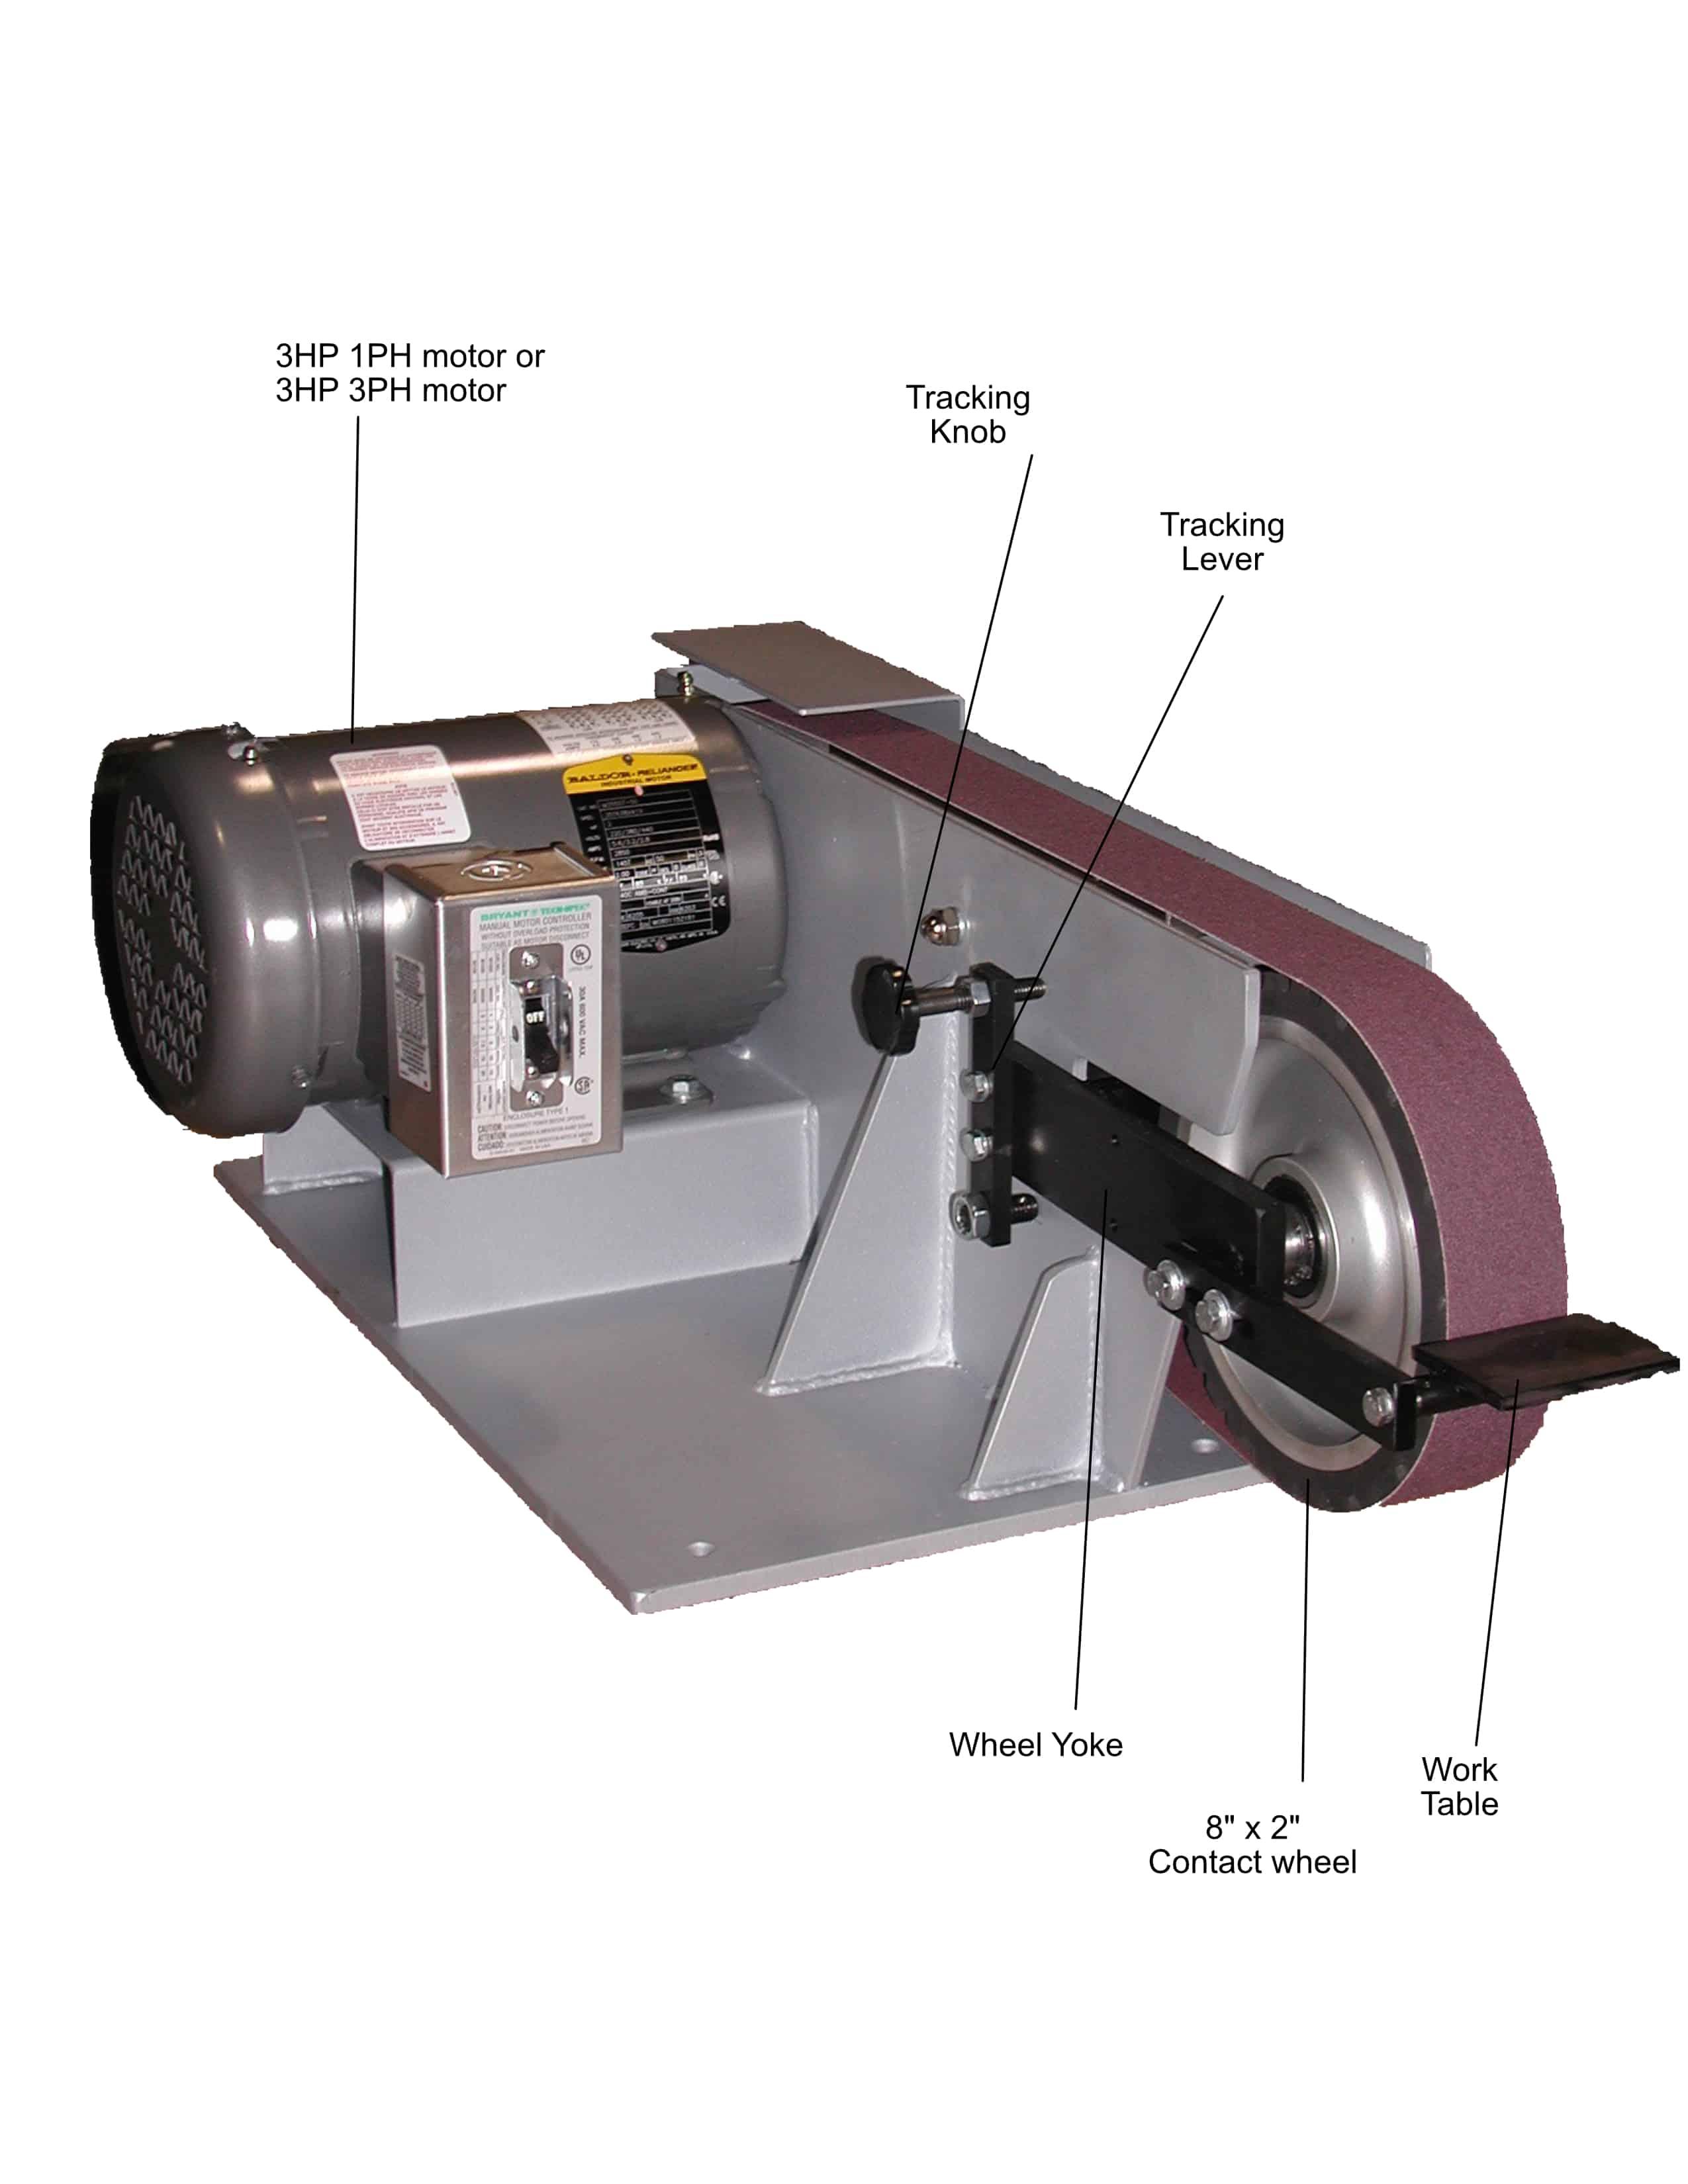 BG260 2 x 60 inch belt grinder with part info